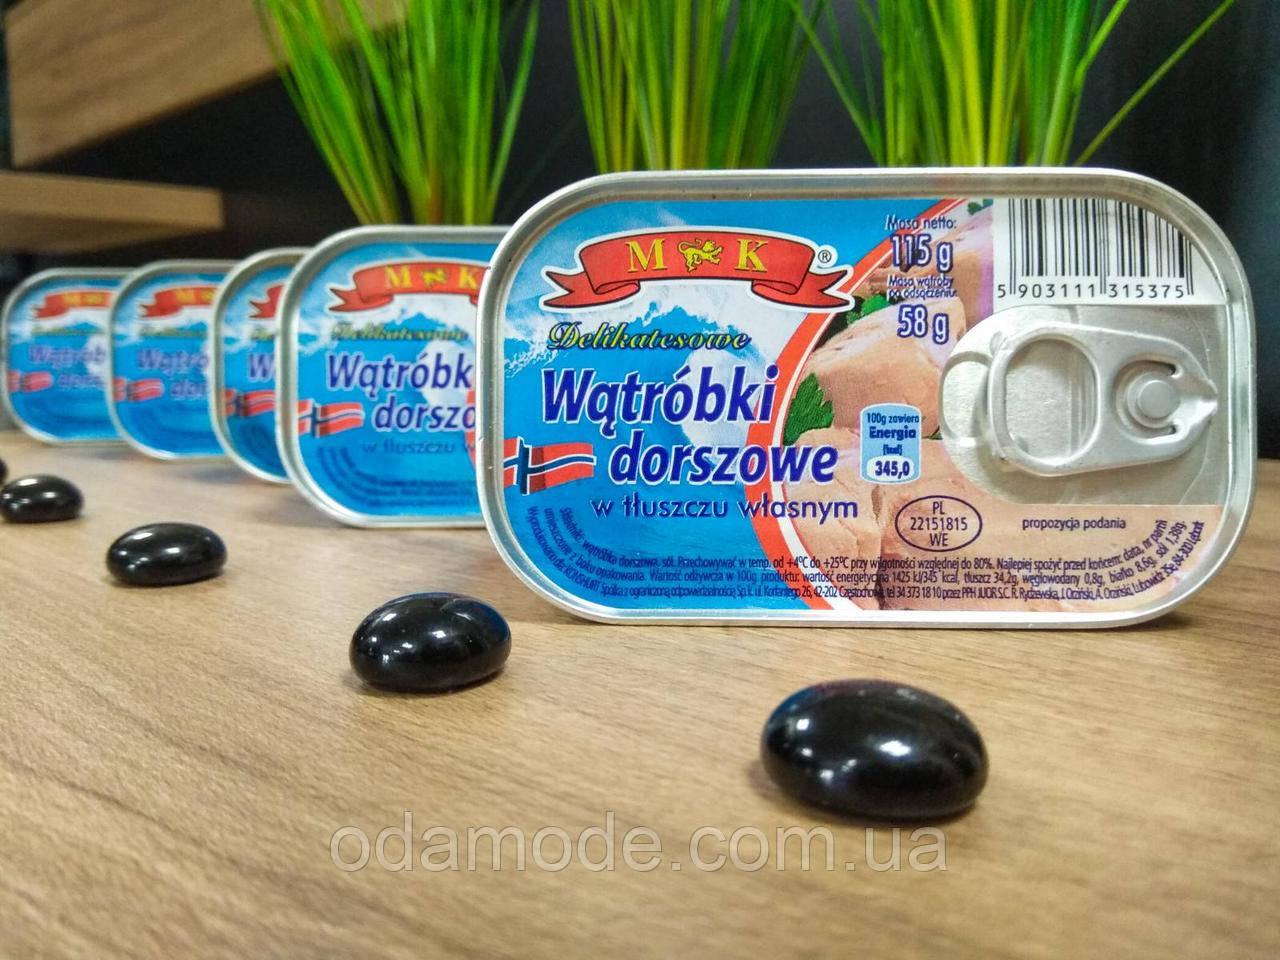 Печень трески watrobki dorszowe Польша,115г